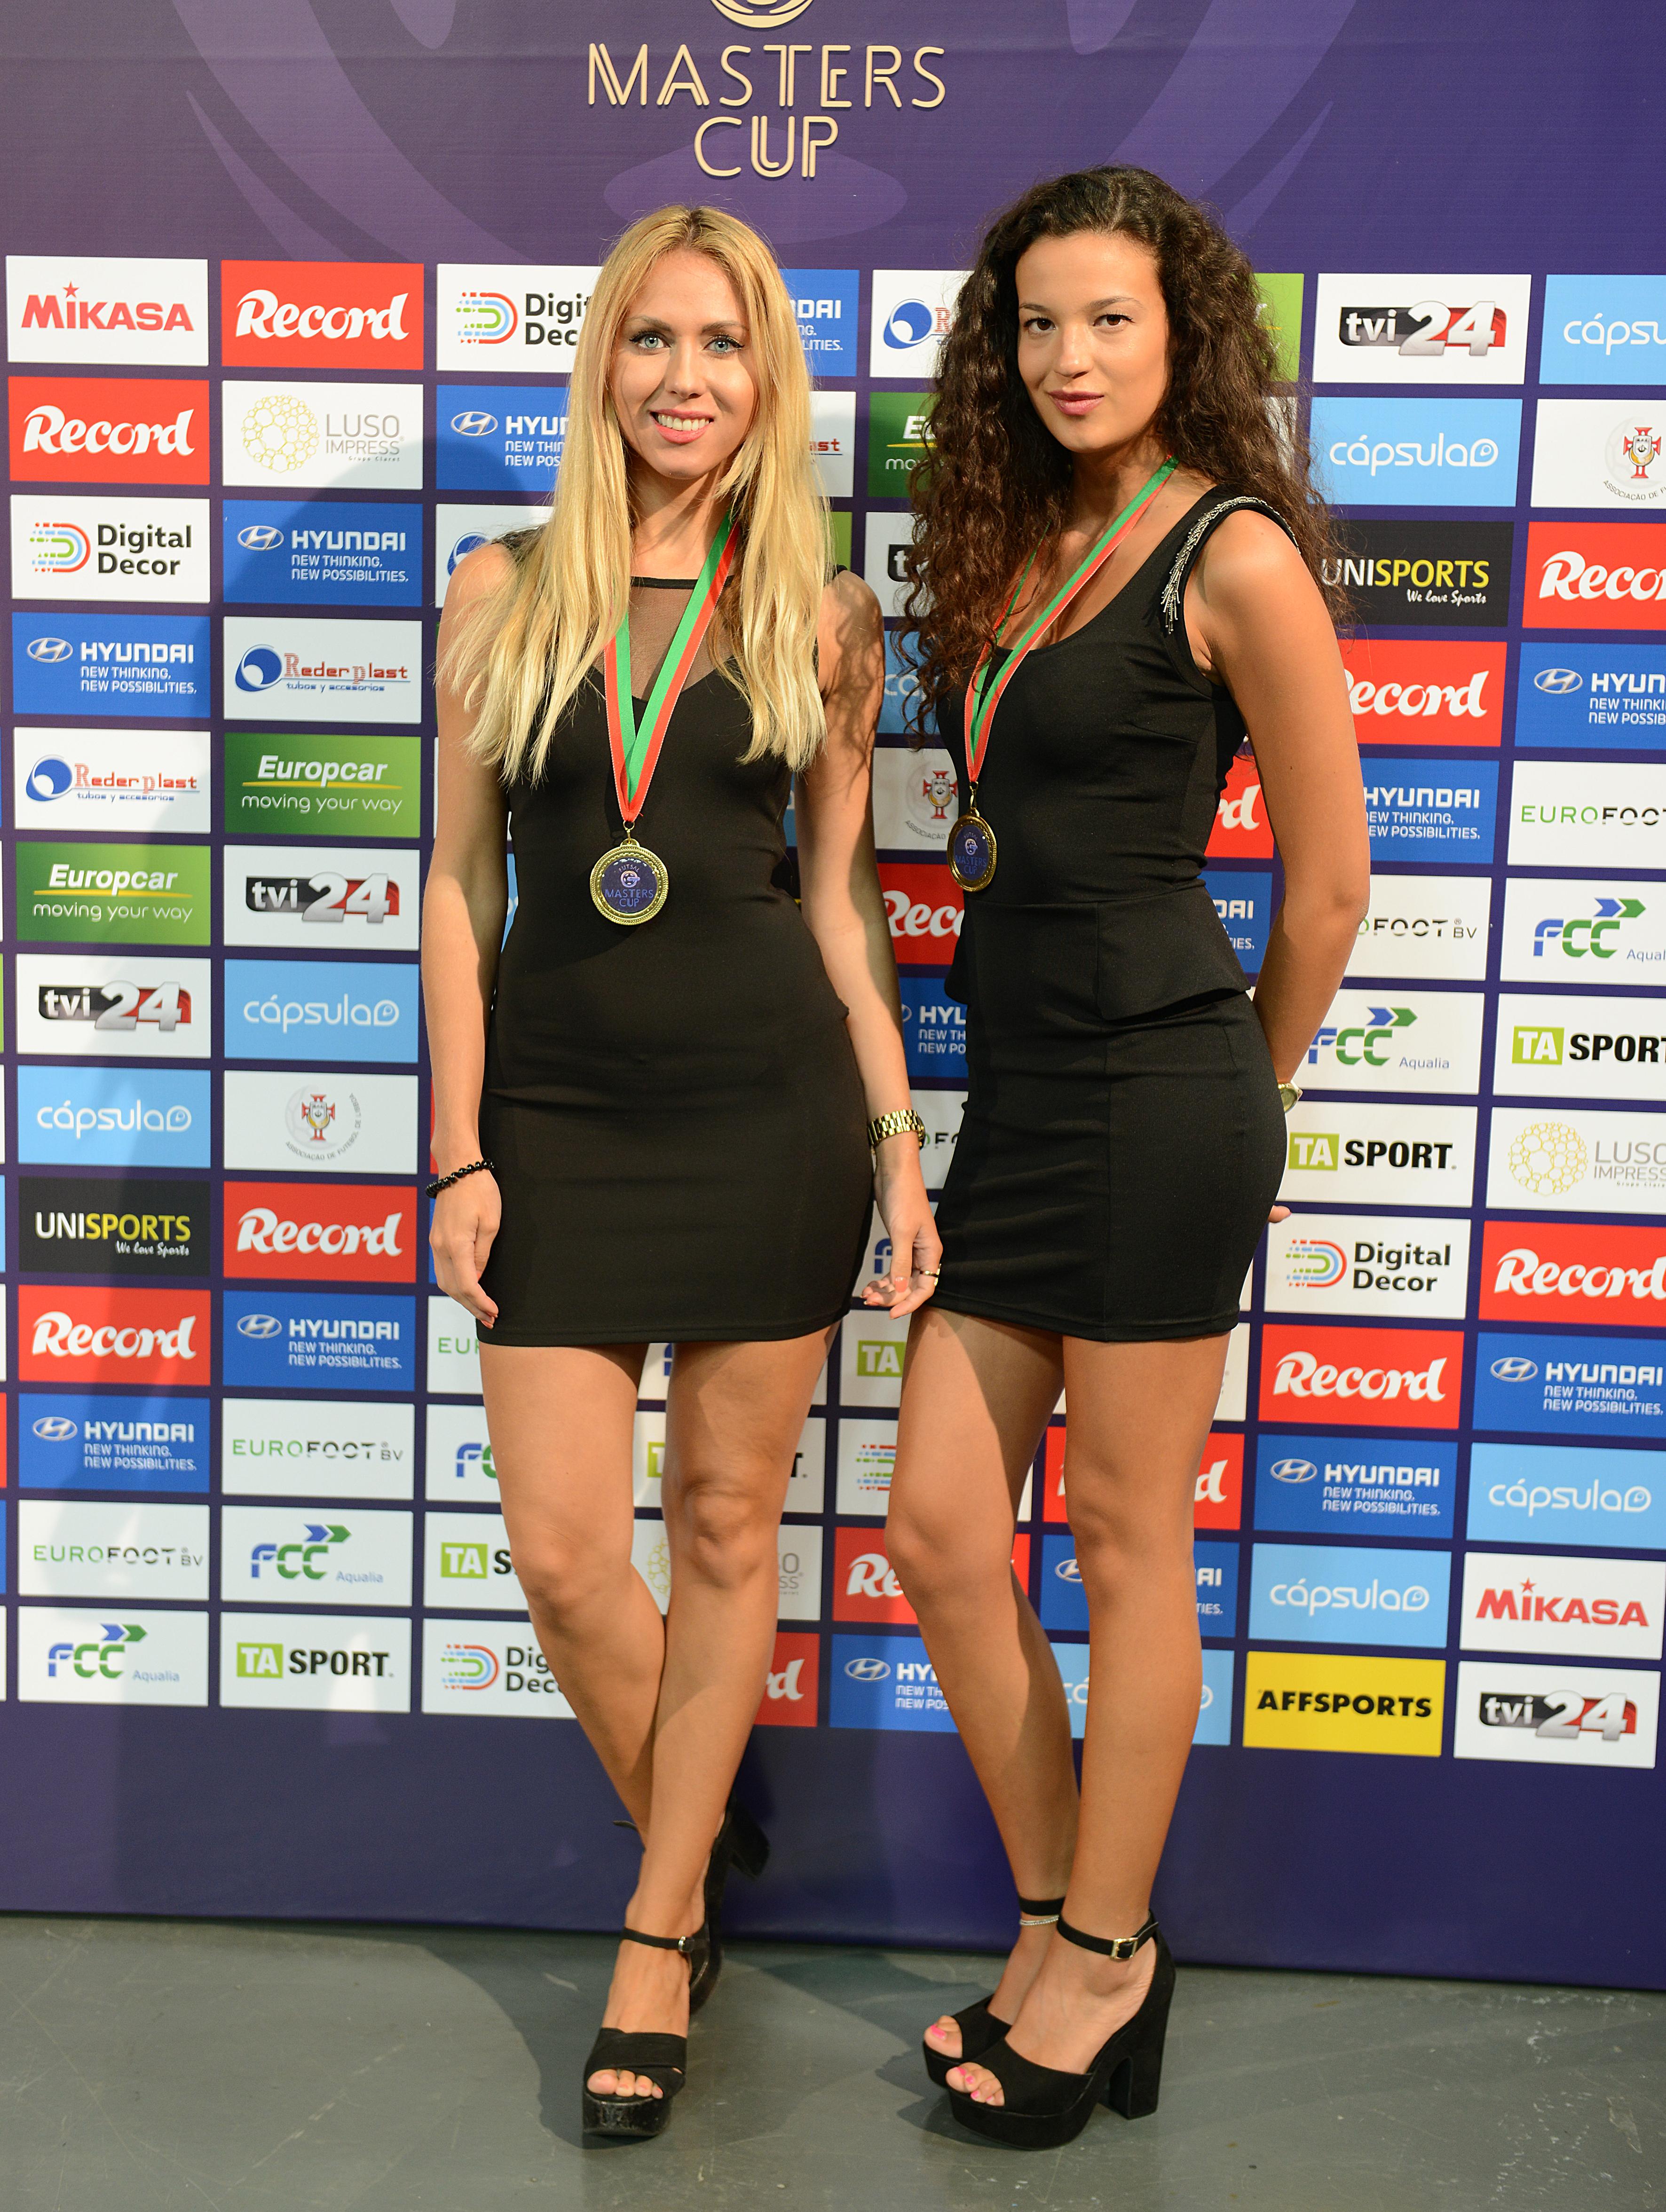 masters-cup-entrega-de-premios-23-8-2015-30